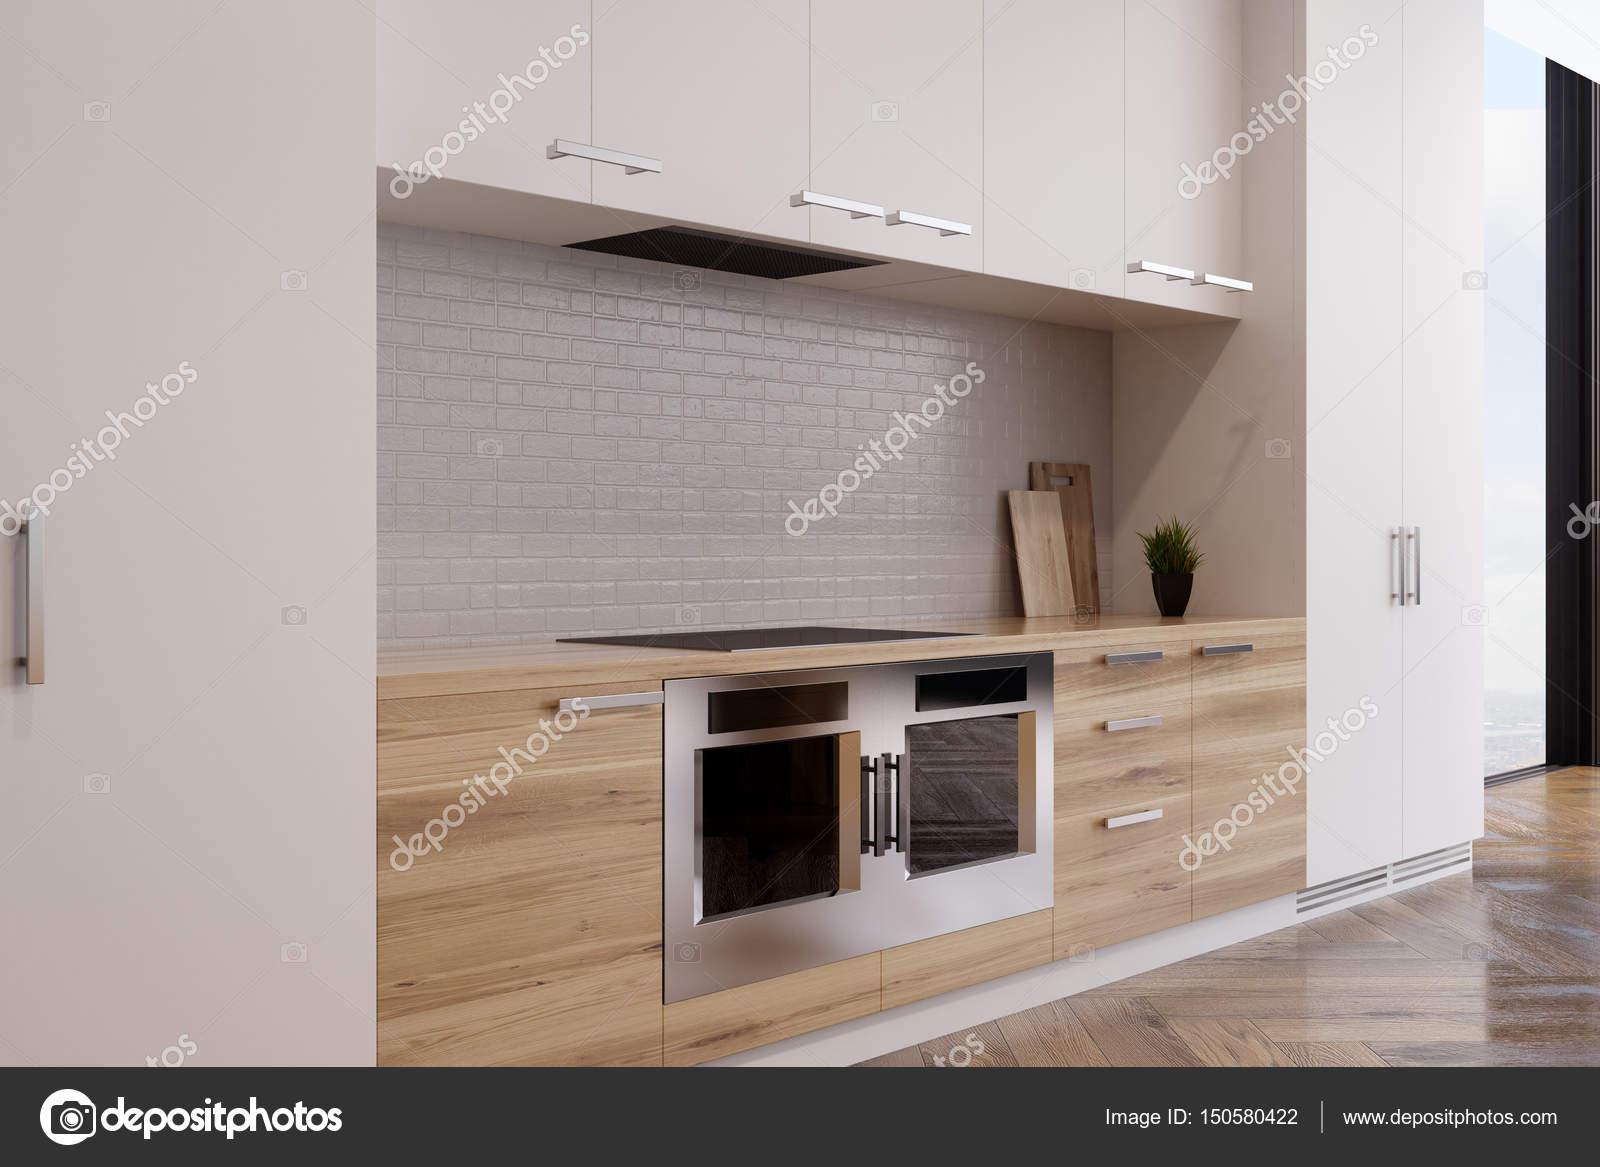 Cucina con due forni — Foto Stock © denisismagilov #150580422